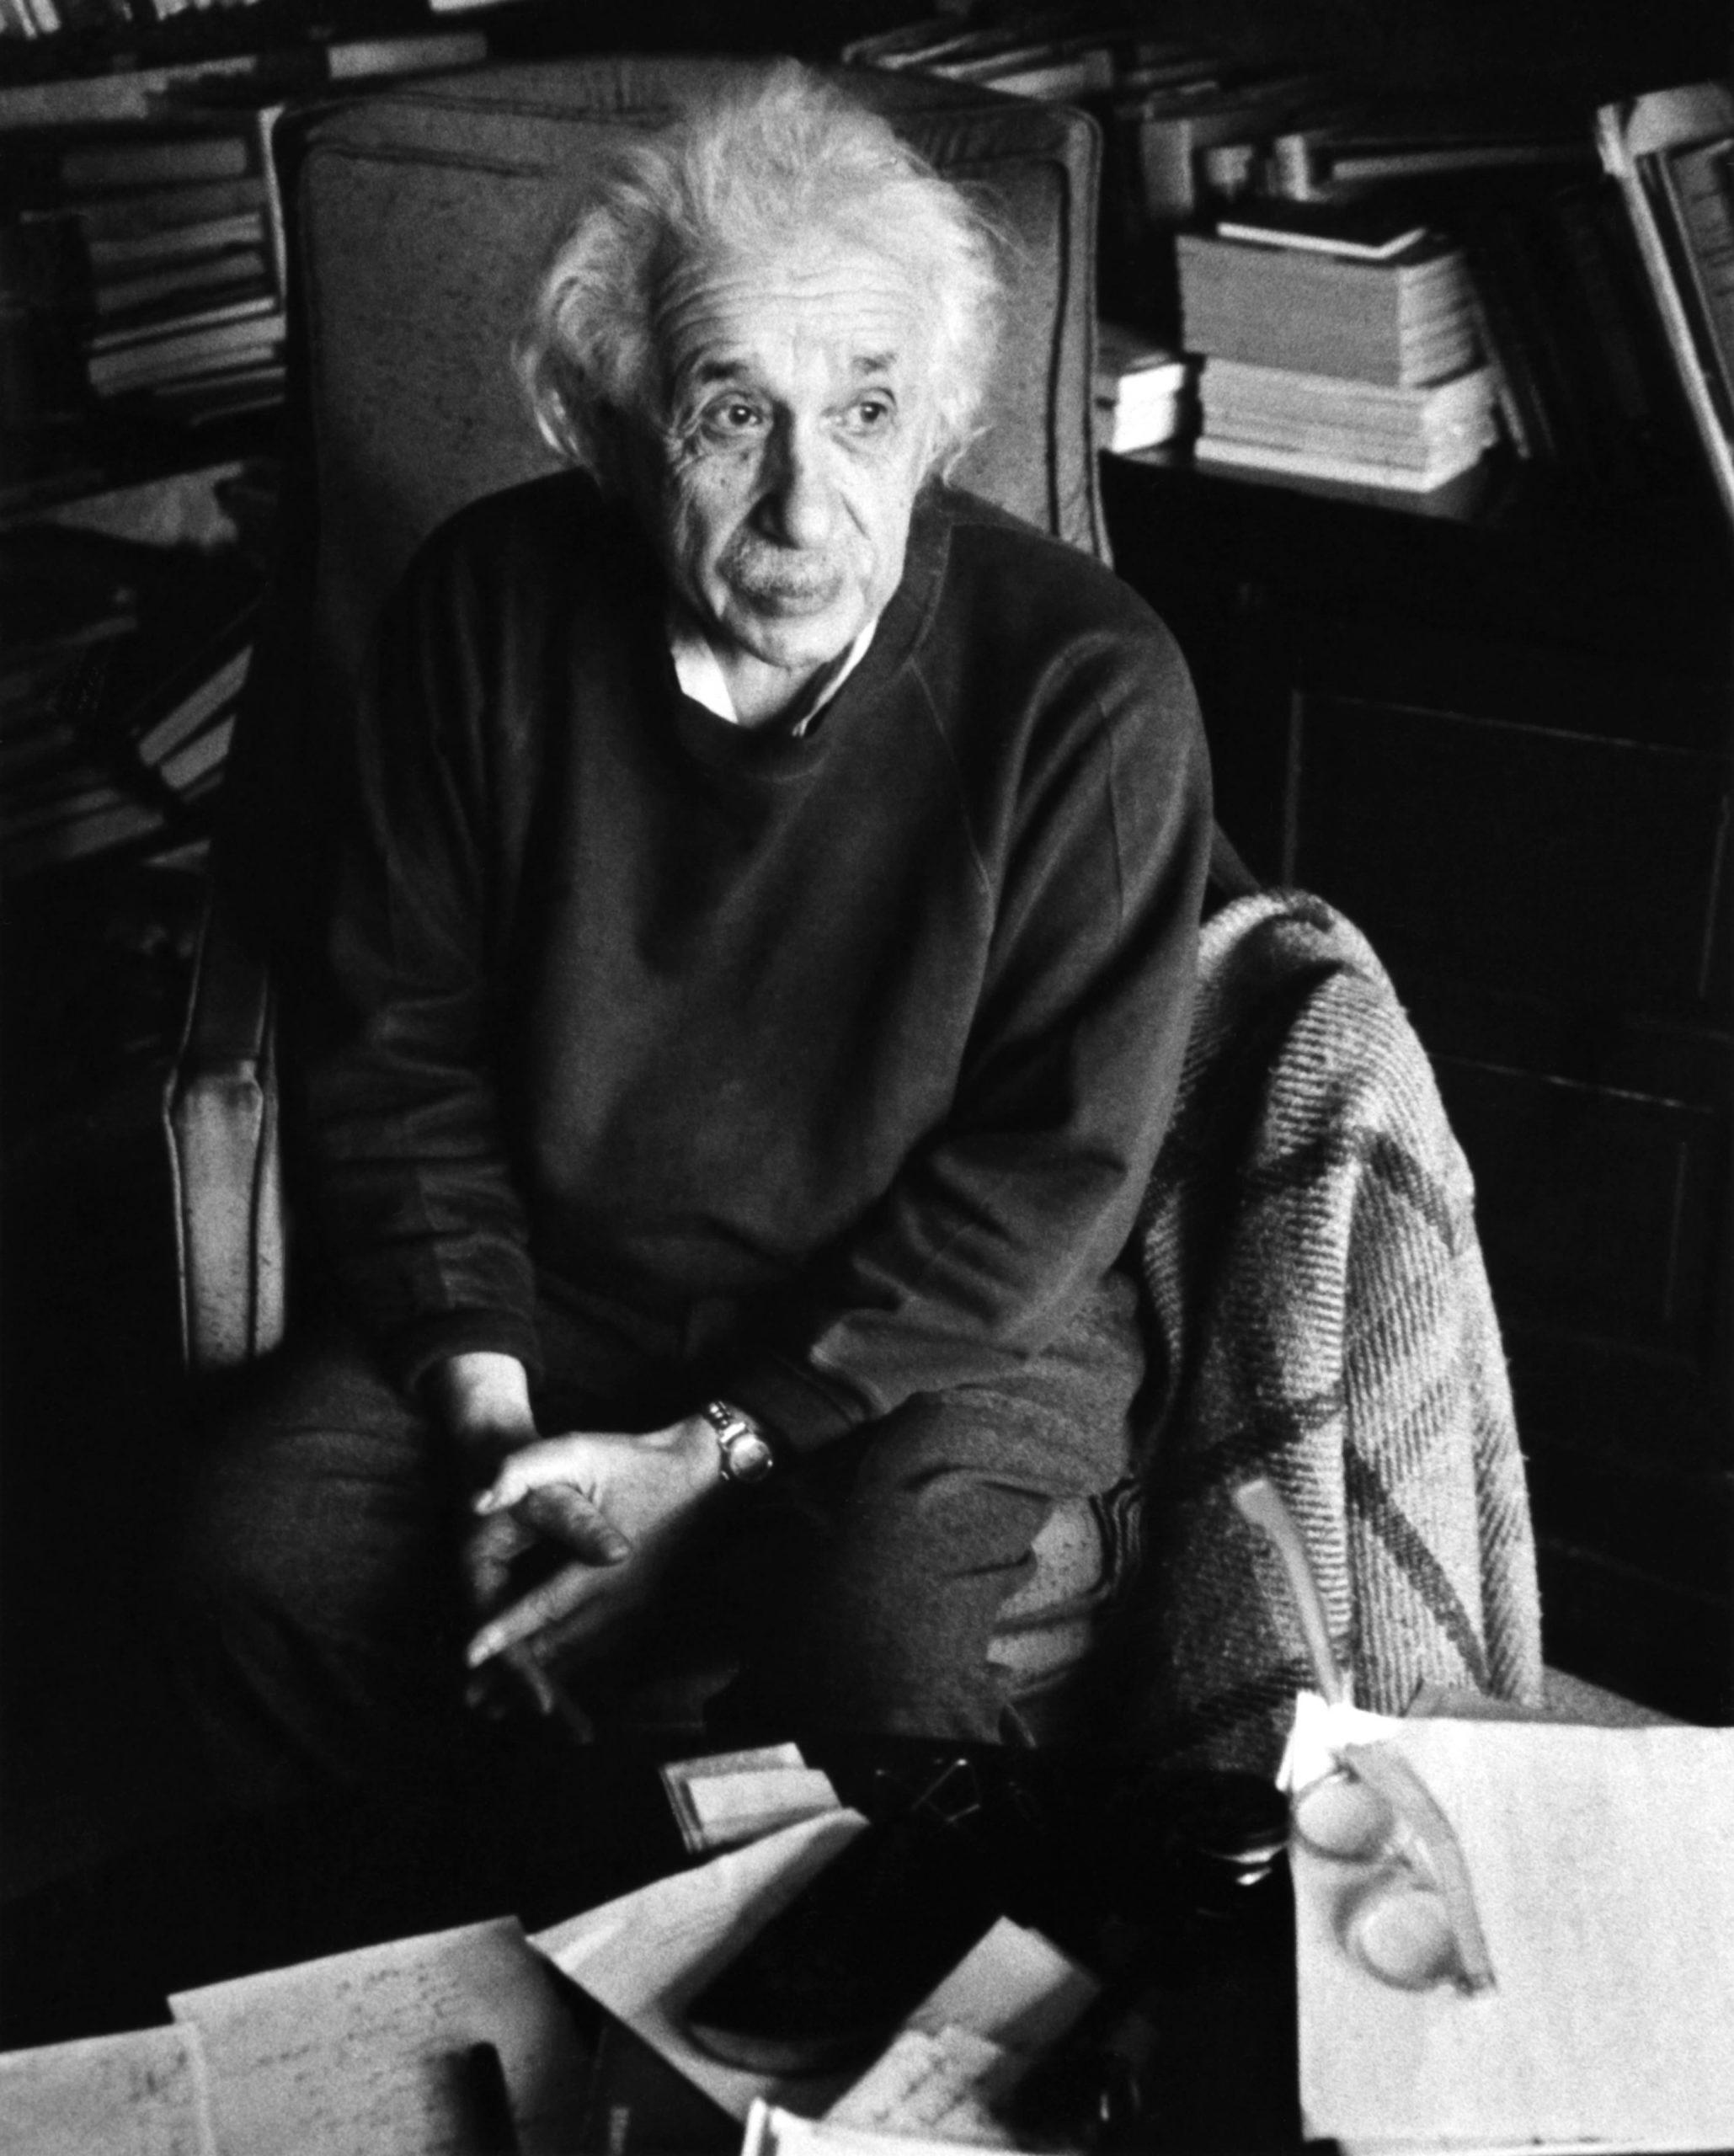 בשנותיו האחרונות העביר איינשטיין את מרבית זמנו בחשיבה תאורטית בחדרו שבאוניברסיטת פרינסטון, ששחררה אותו מחובת ההוראה כדי שיוכל להתמקד במחקר בלבד. הוא ניסה לנסח תאוריה פיזיקלית חדשה שתאחד את מכניקת הקוונטים ותורת היחסות, אך נסיונו נכשל. איינשטיין בחדרו בפרינסטון, 1955